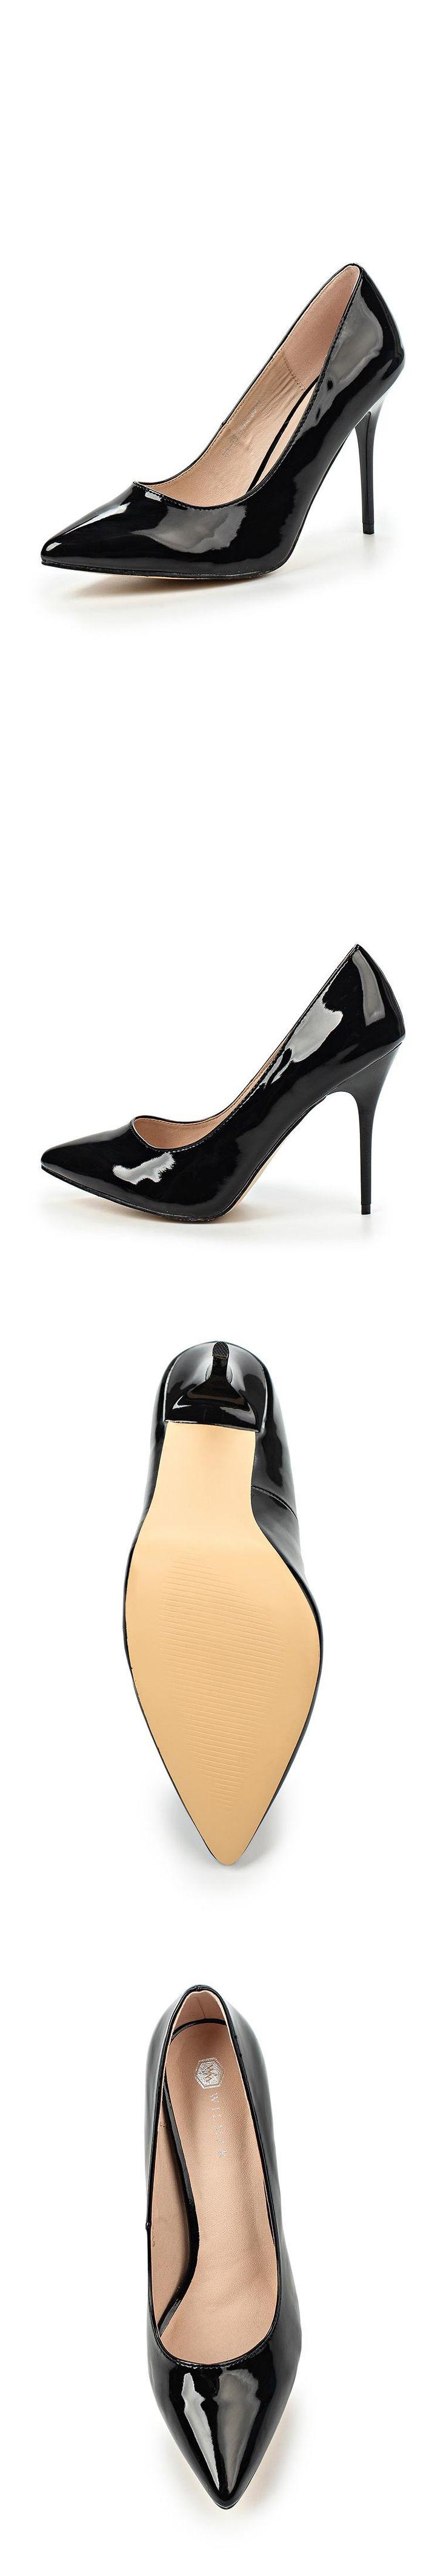 Женская обувь туфли Wilmar за 1950.00 руб.